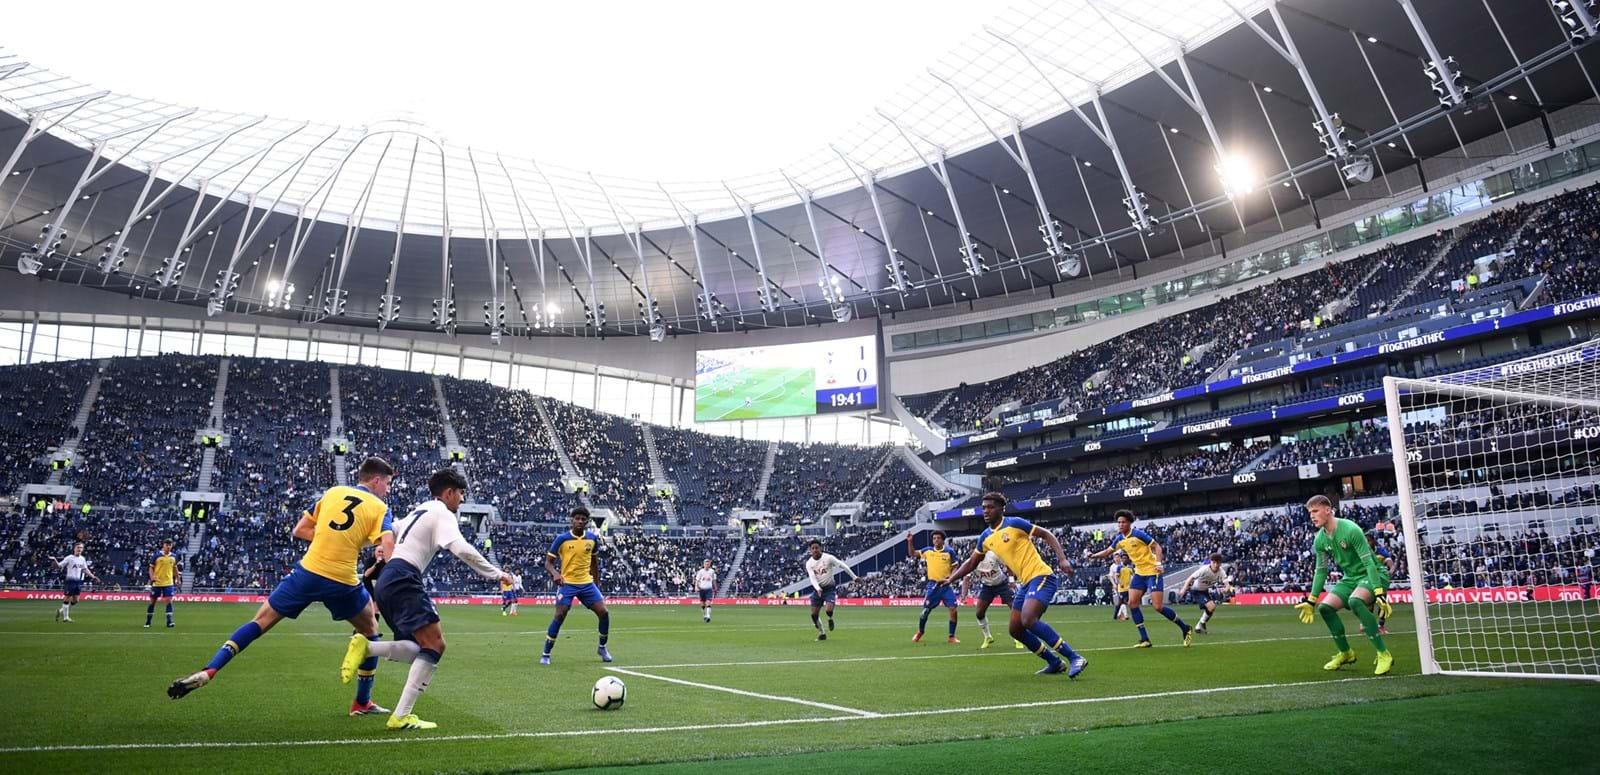 «Тоттенхэм» открыл новый стадион на 62 тысячи зрителей. Он потрясающий - фото